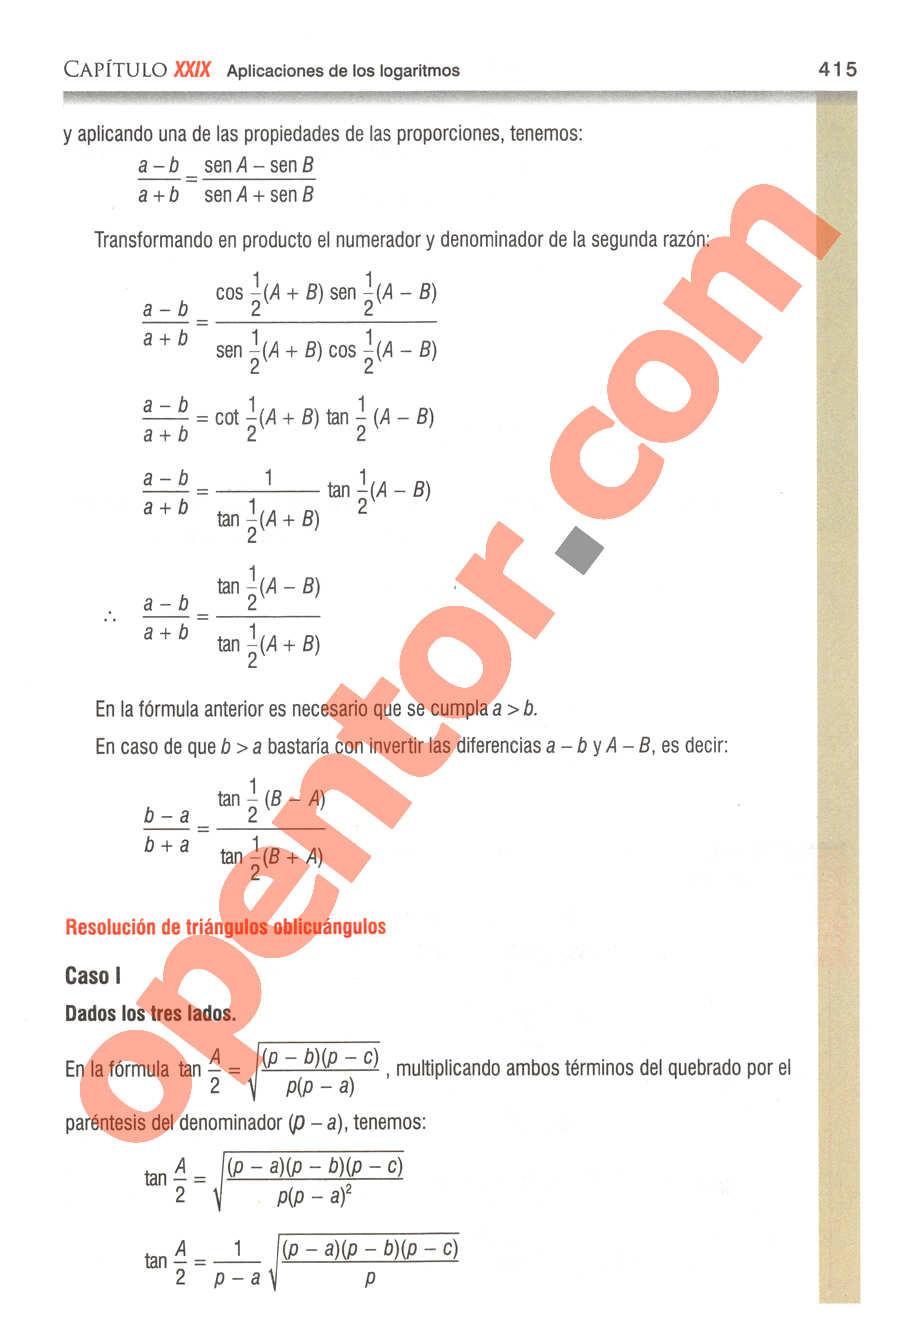 Geometría y Trigonometría de Baldor - Página 415